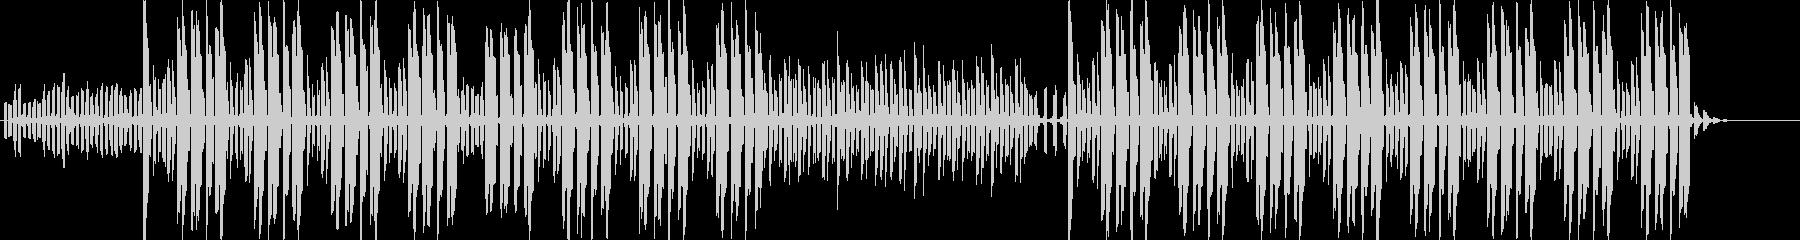 テクノ系のグルーブが心地よいBGMです。の未再生の波形